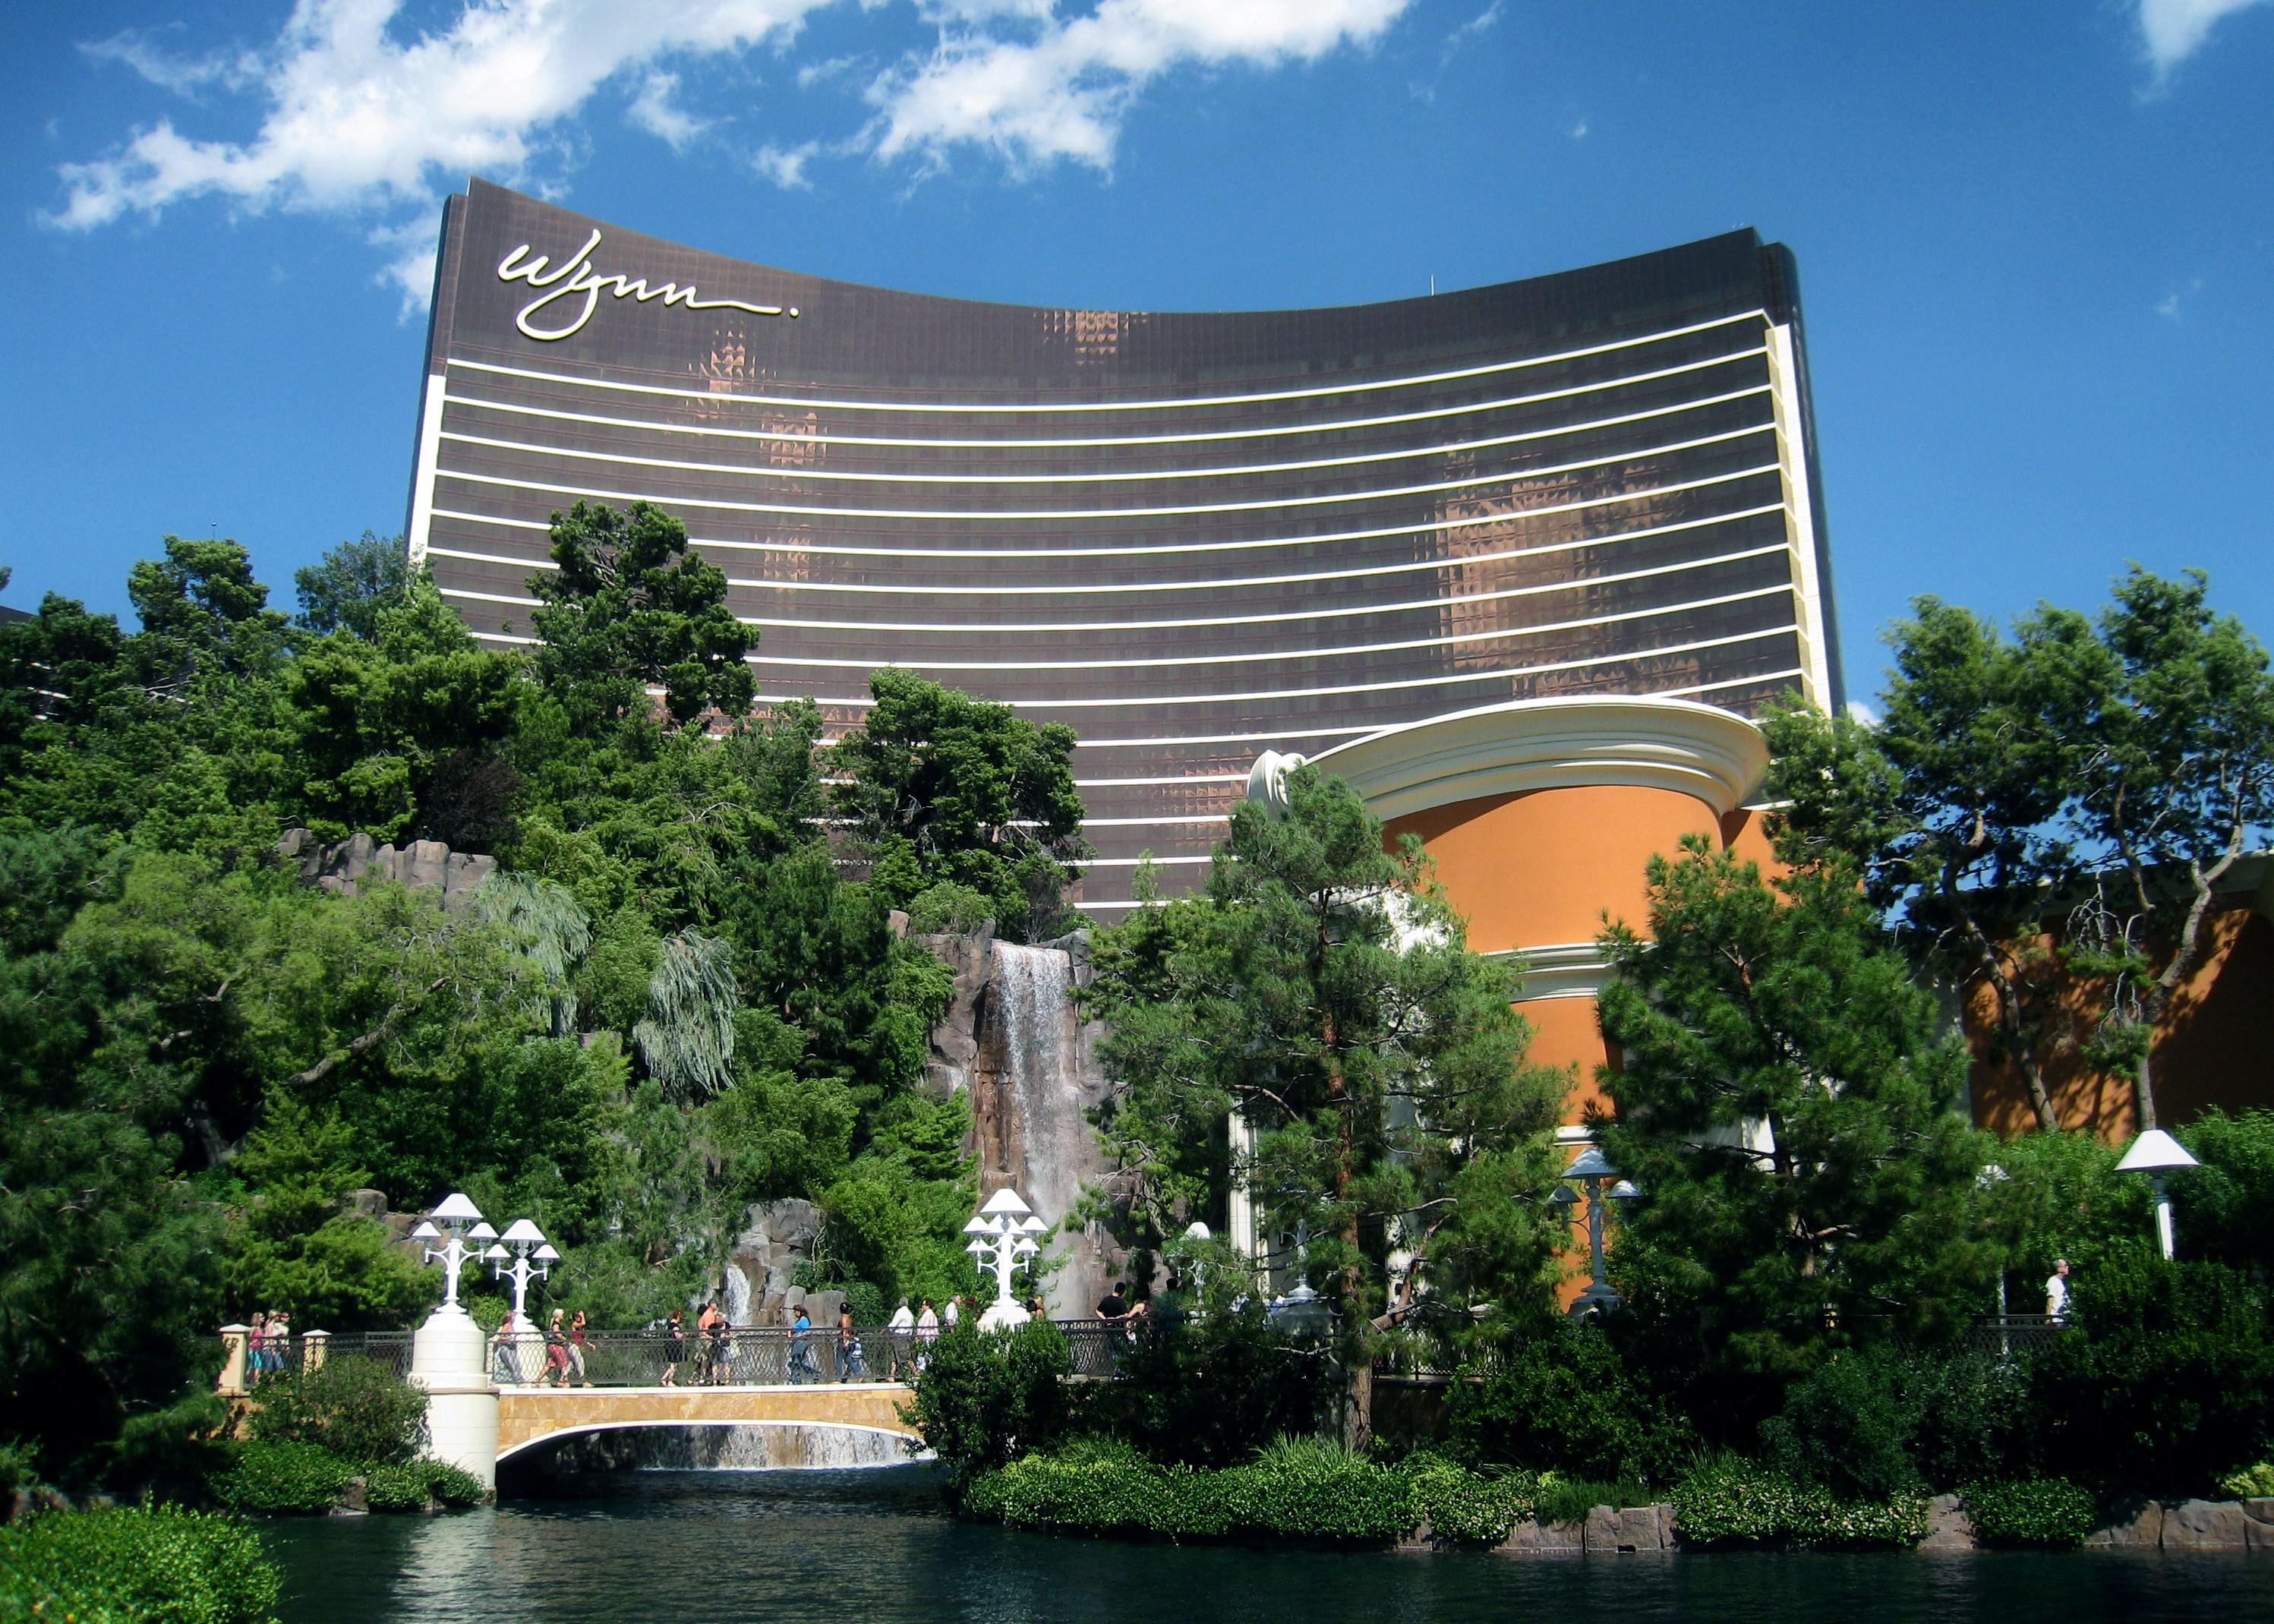 Wynn / Encore Casino Hotel, LAS, NV